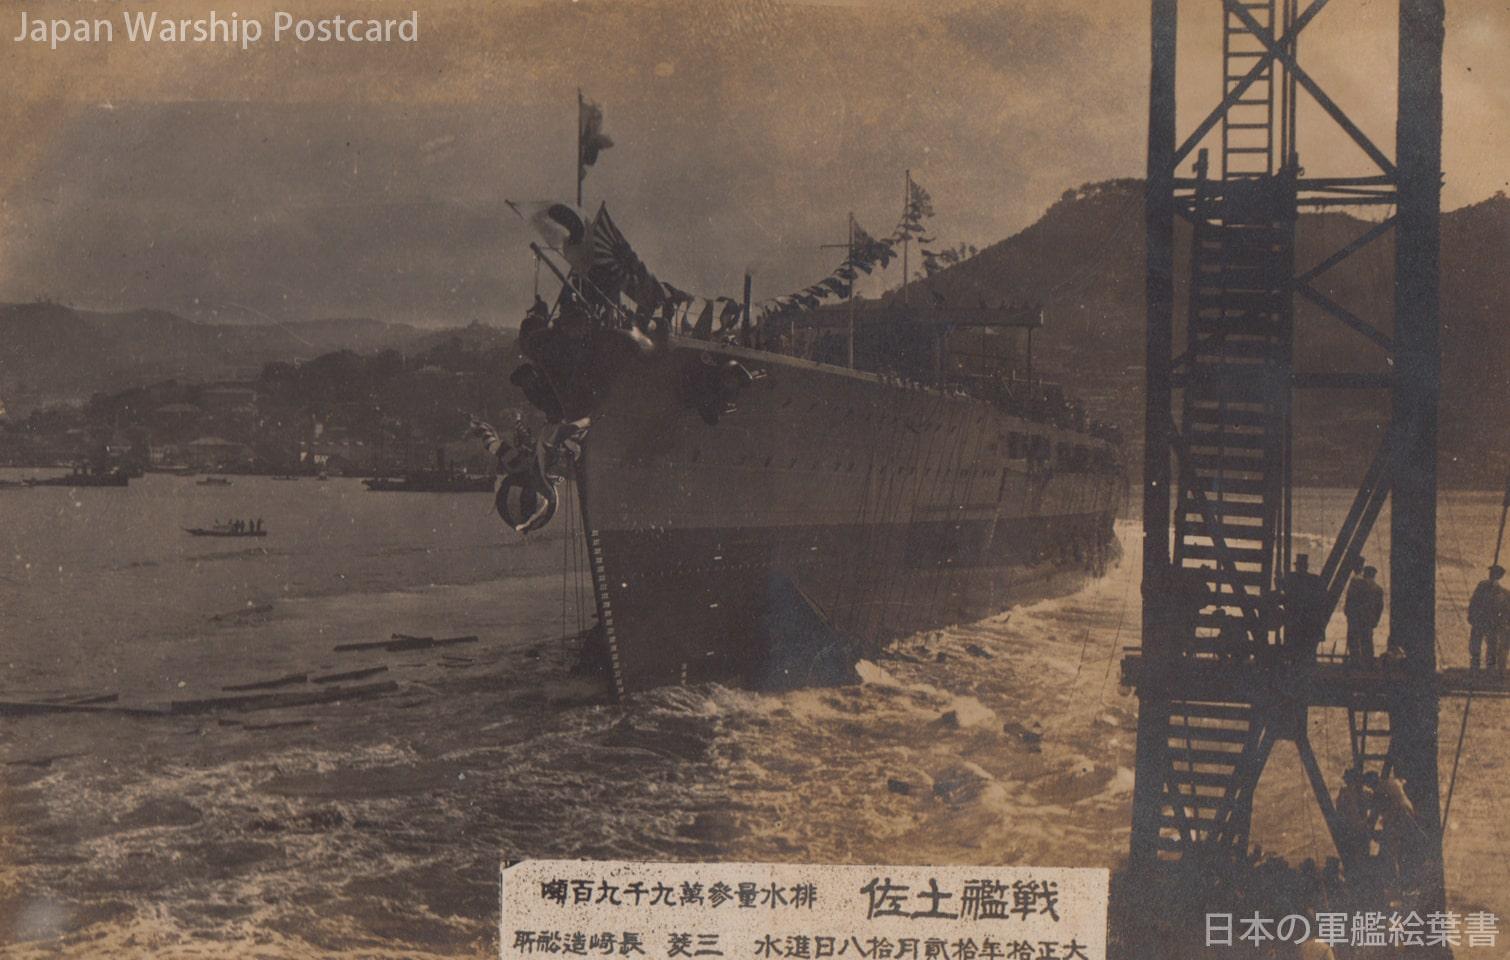 戦艦土佐 大正十年十二月十八日進水